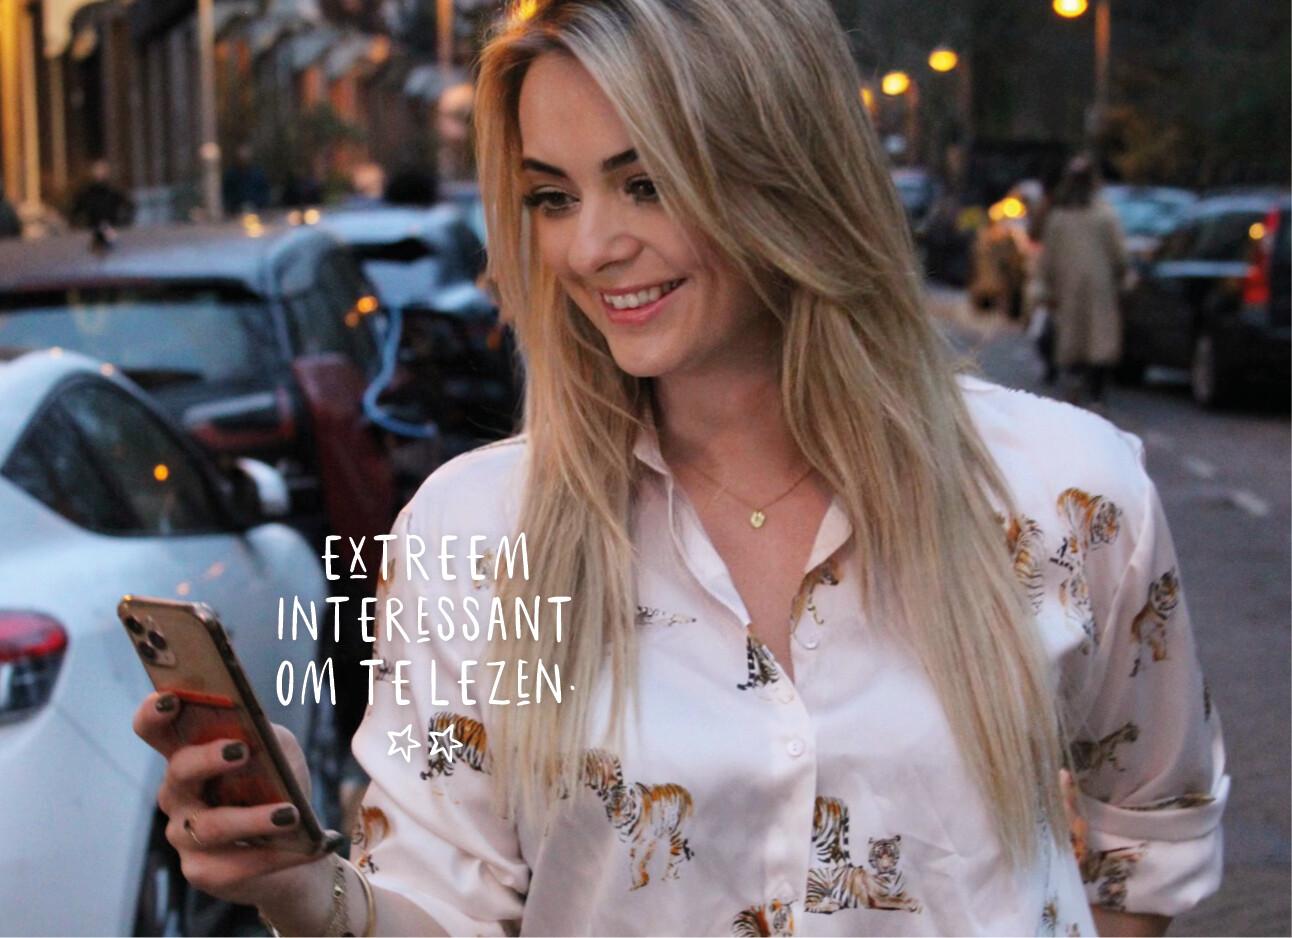 Wieke kijkend op haar telefoon